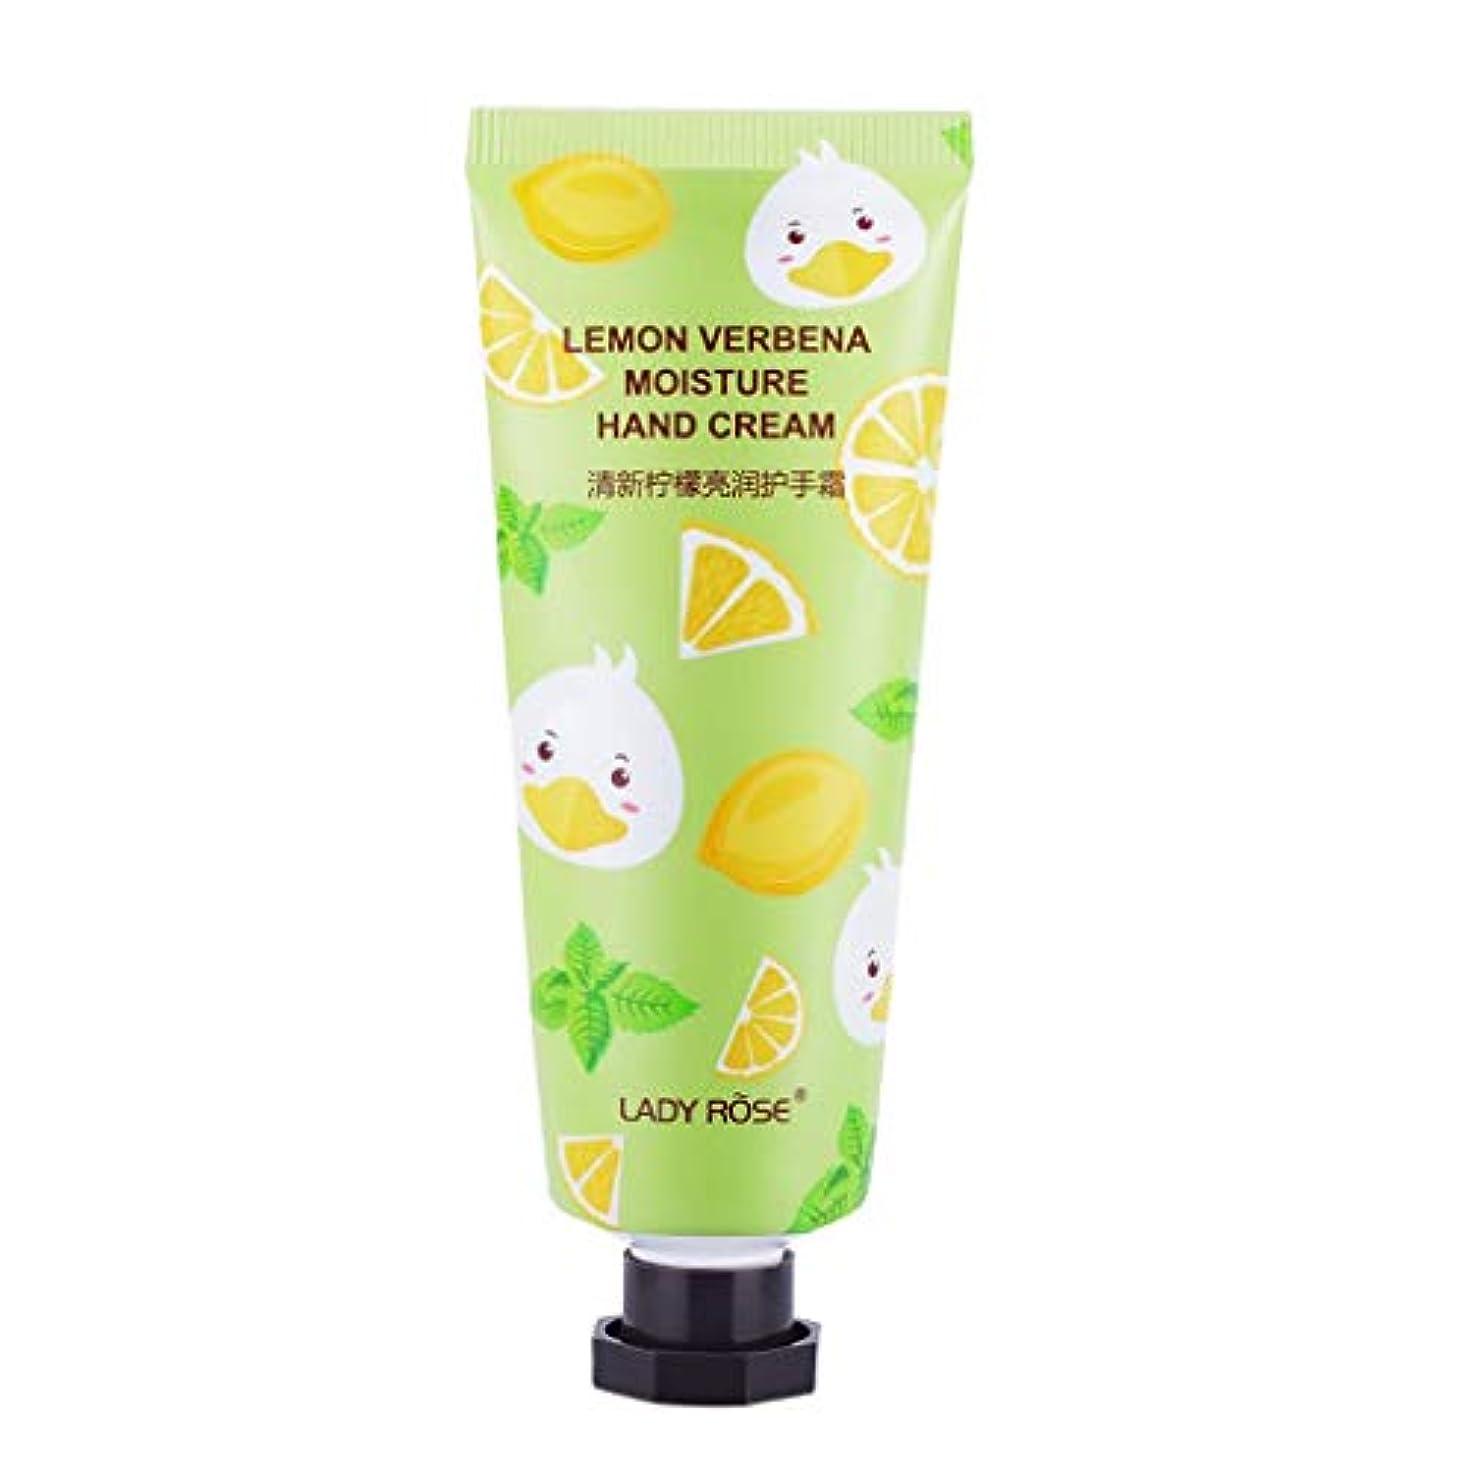 コンテンツギャラントリー農学ハンドクリーム 乾燥対策 潤い スキンケア 可愛い 香り 保湿クリーム ローション 3タイプ選べ - レモン